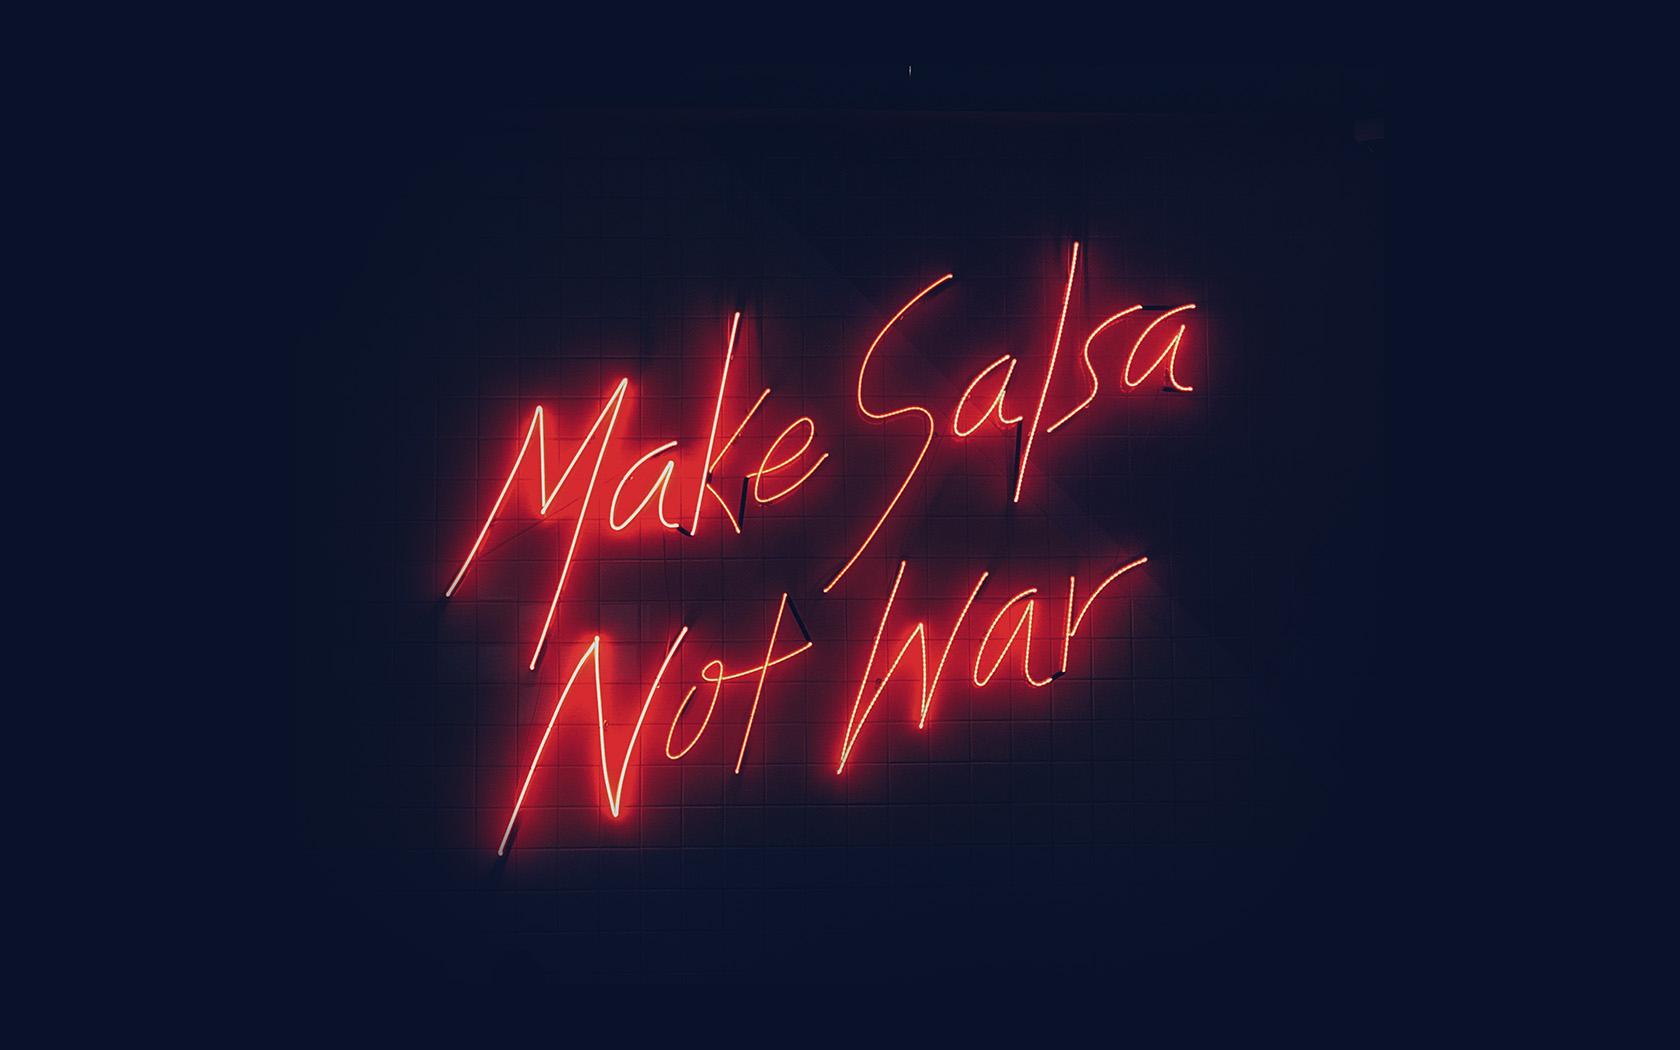 wallpaper for desktop, laptop | ba72-make-salsa-not-war ...